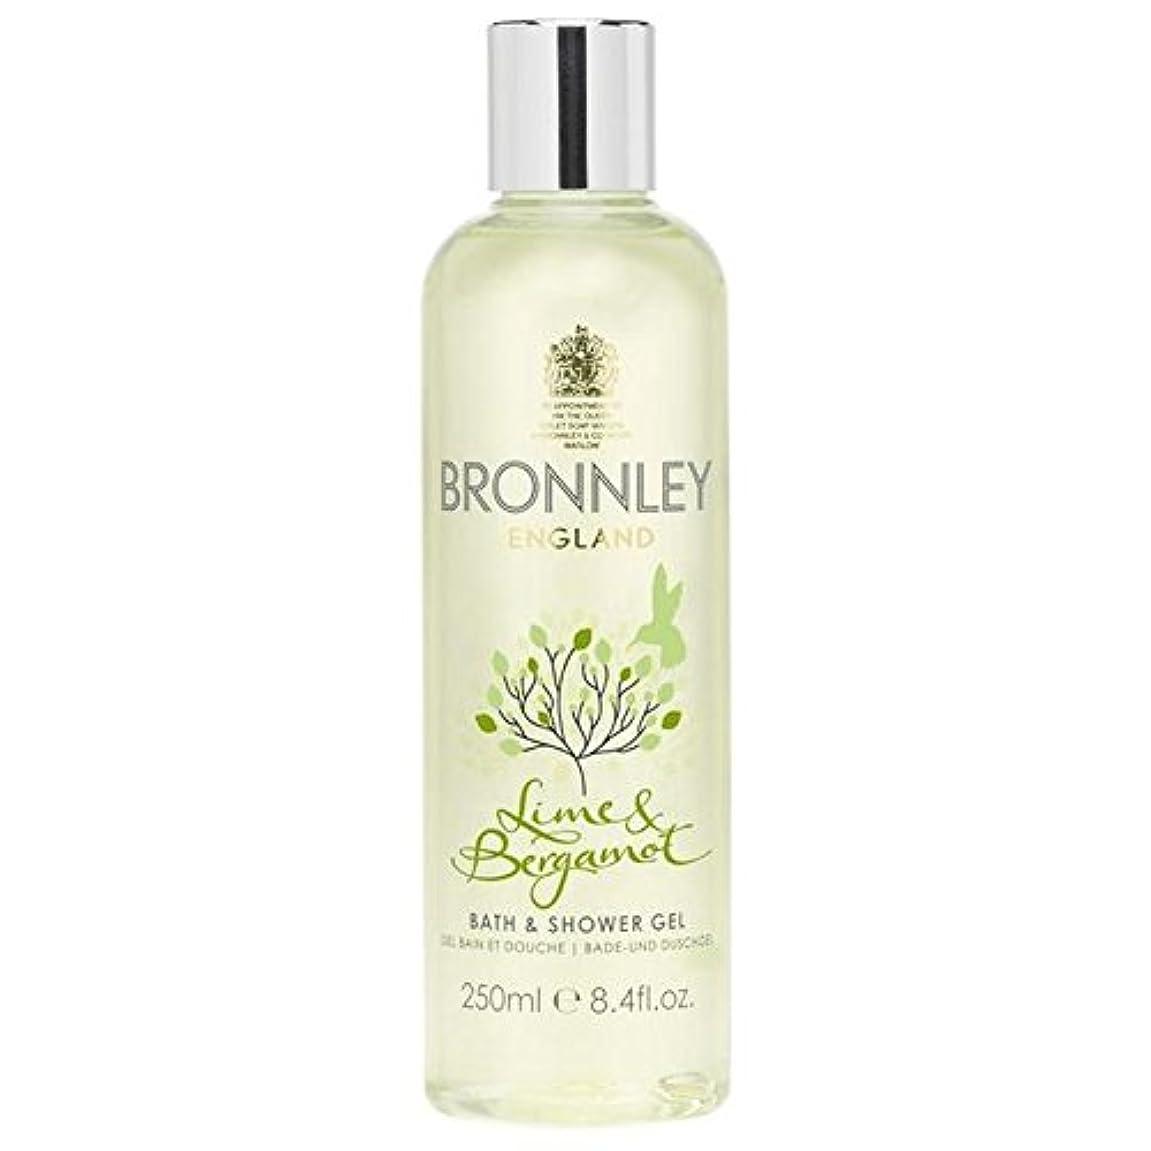 アノイ立証するのぞき穴ライム&ベルガモットバス&シャワージェル250ミリリットル x2 - Bronnley Lime & Bergamot Bath & Shower Gel 250ml (Pack of 2) [並行輸入品]